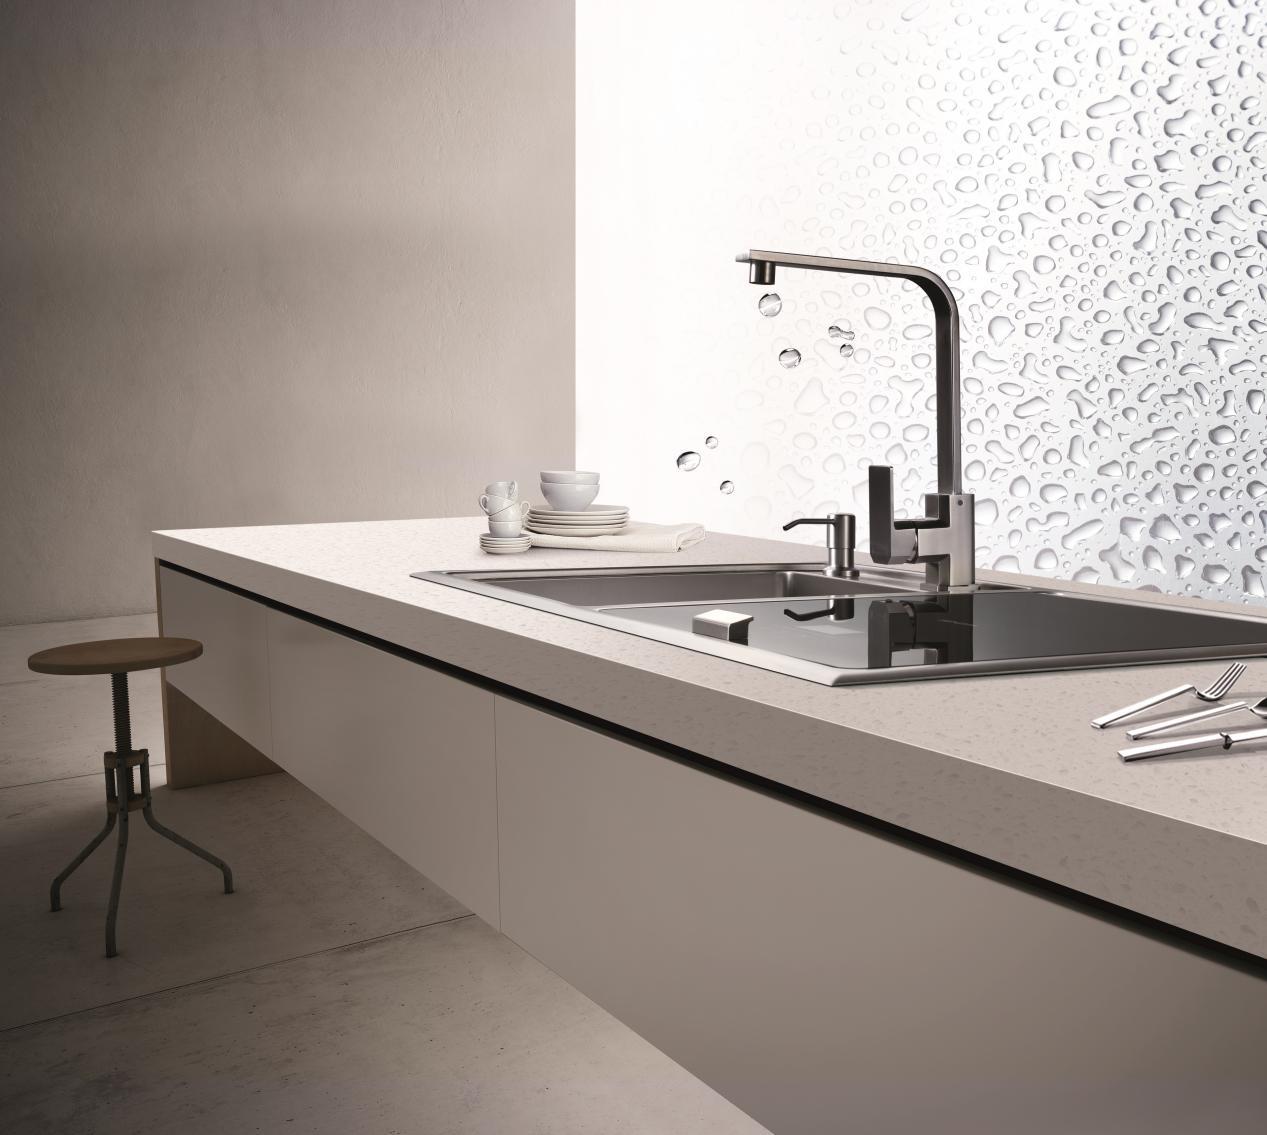 水槽洗碗机和嵌入式洗碗机哪个好?